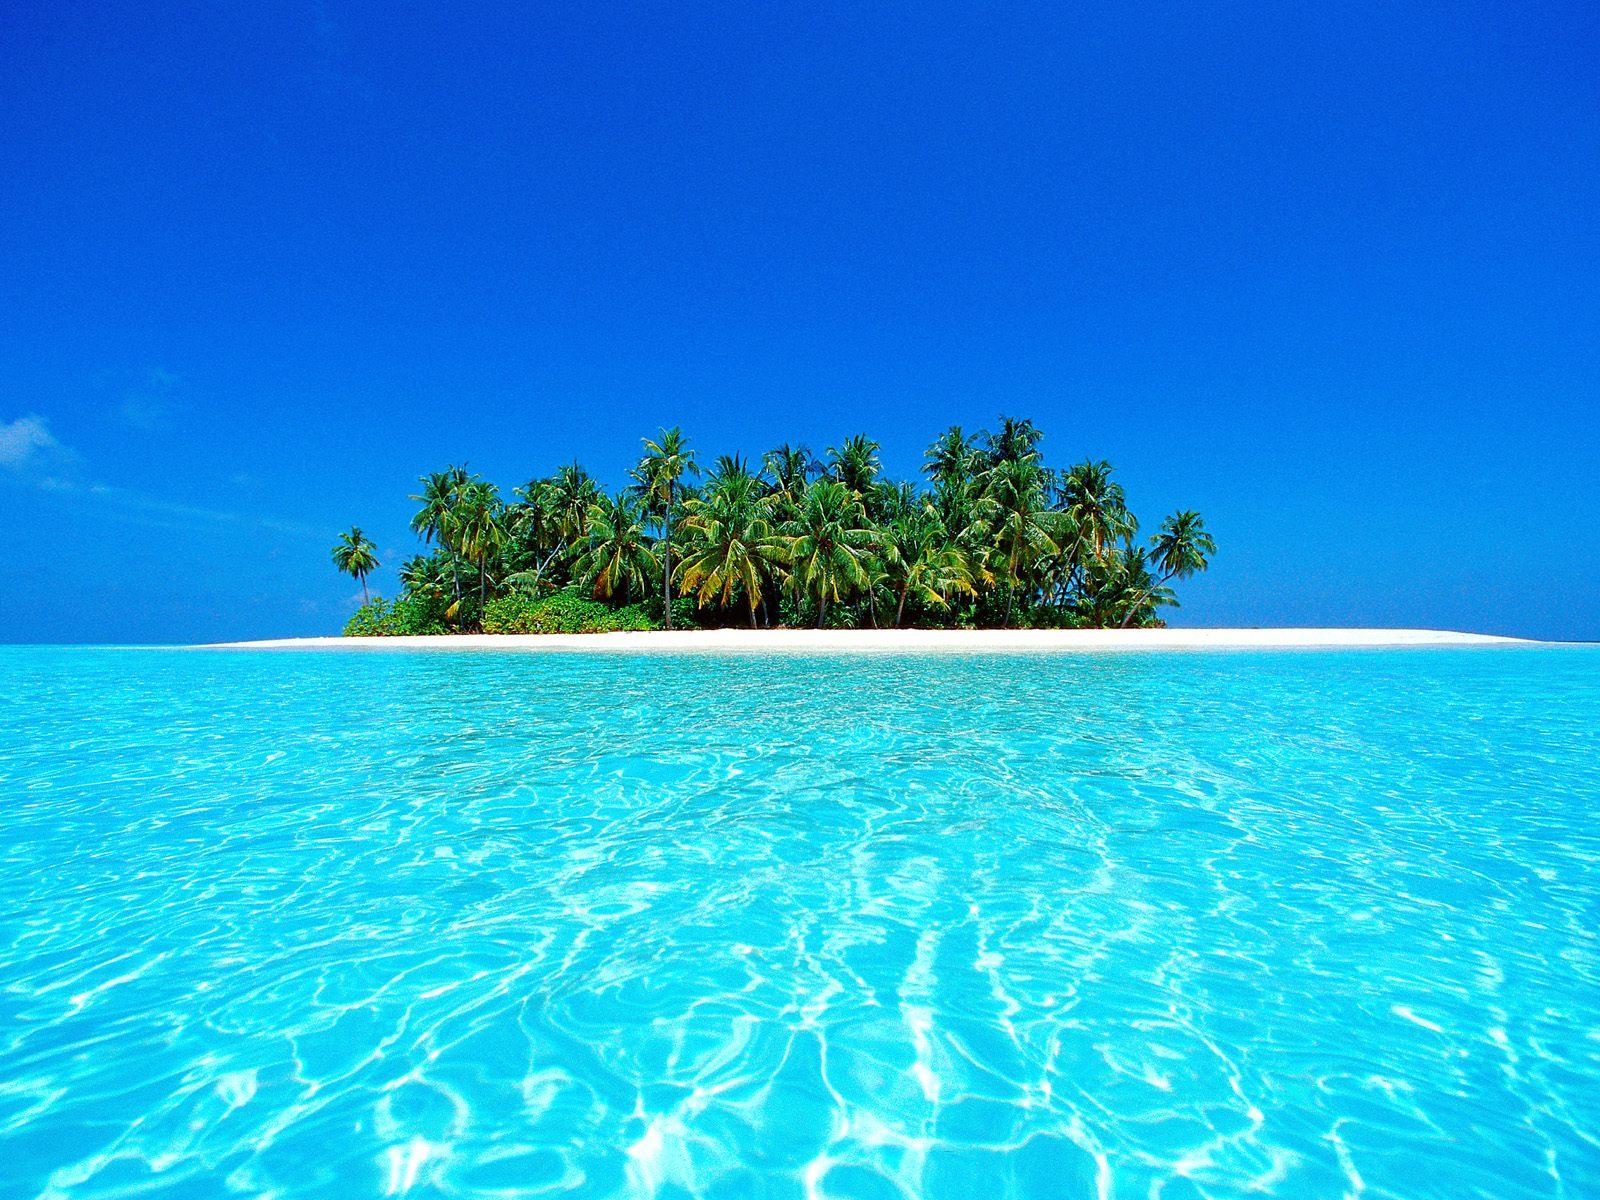 Hình nền nền biển đảo xanh